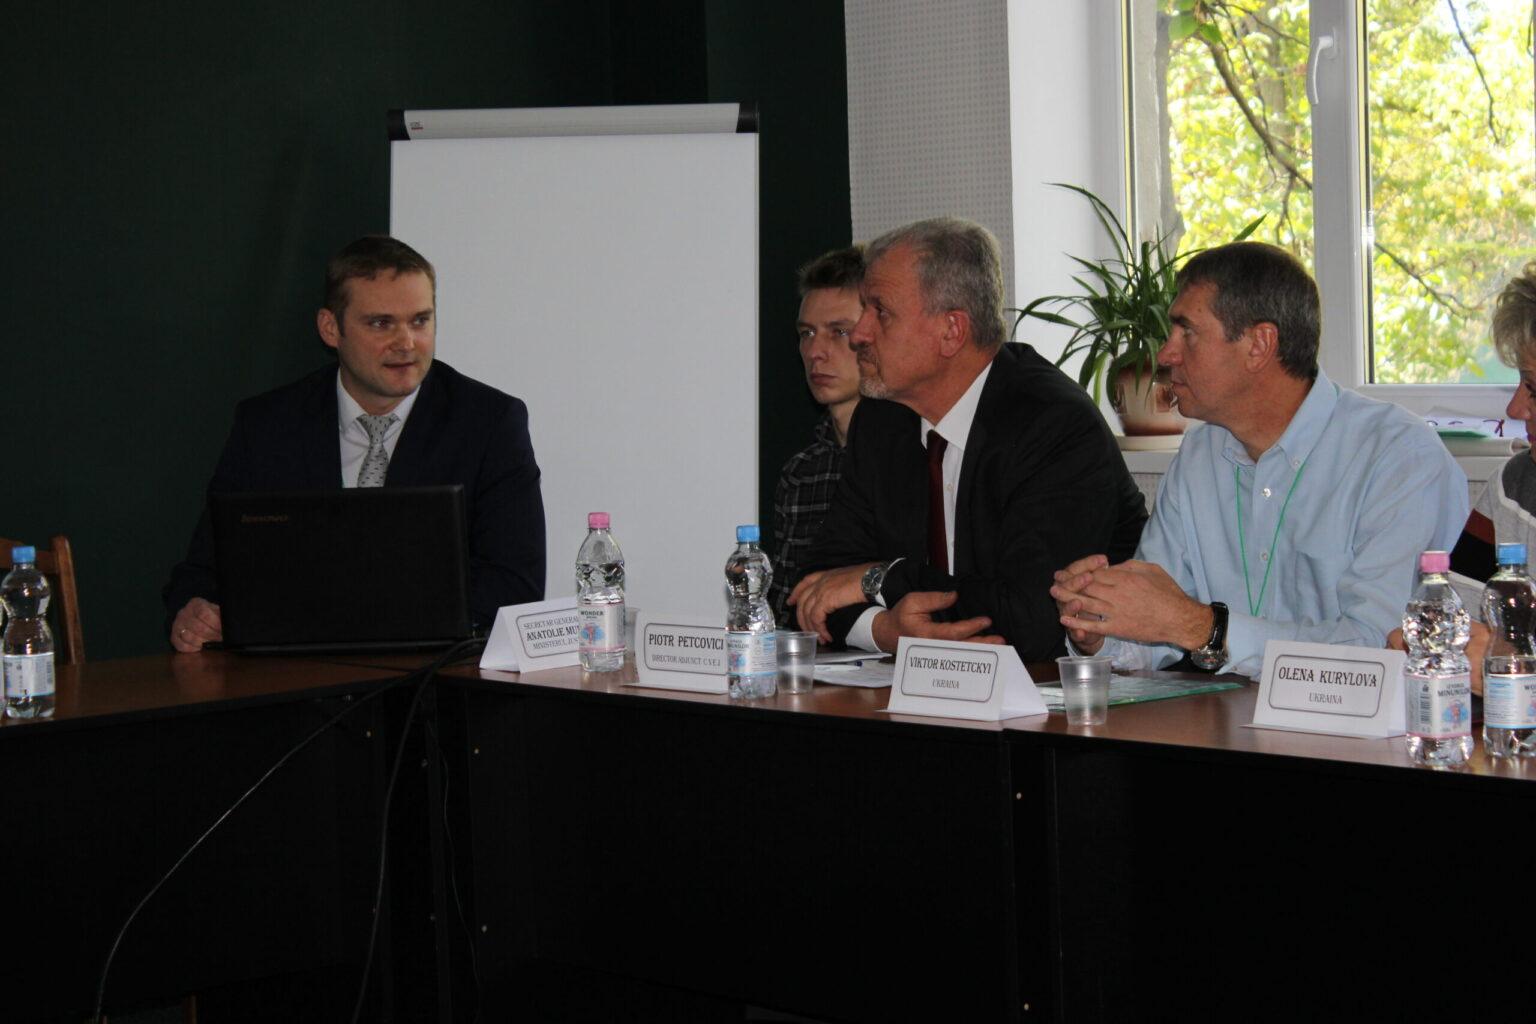 Експерти КНДІСЕ відвідали Республіку Молдову з метою участі в круглому столі з питань експертизи документів